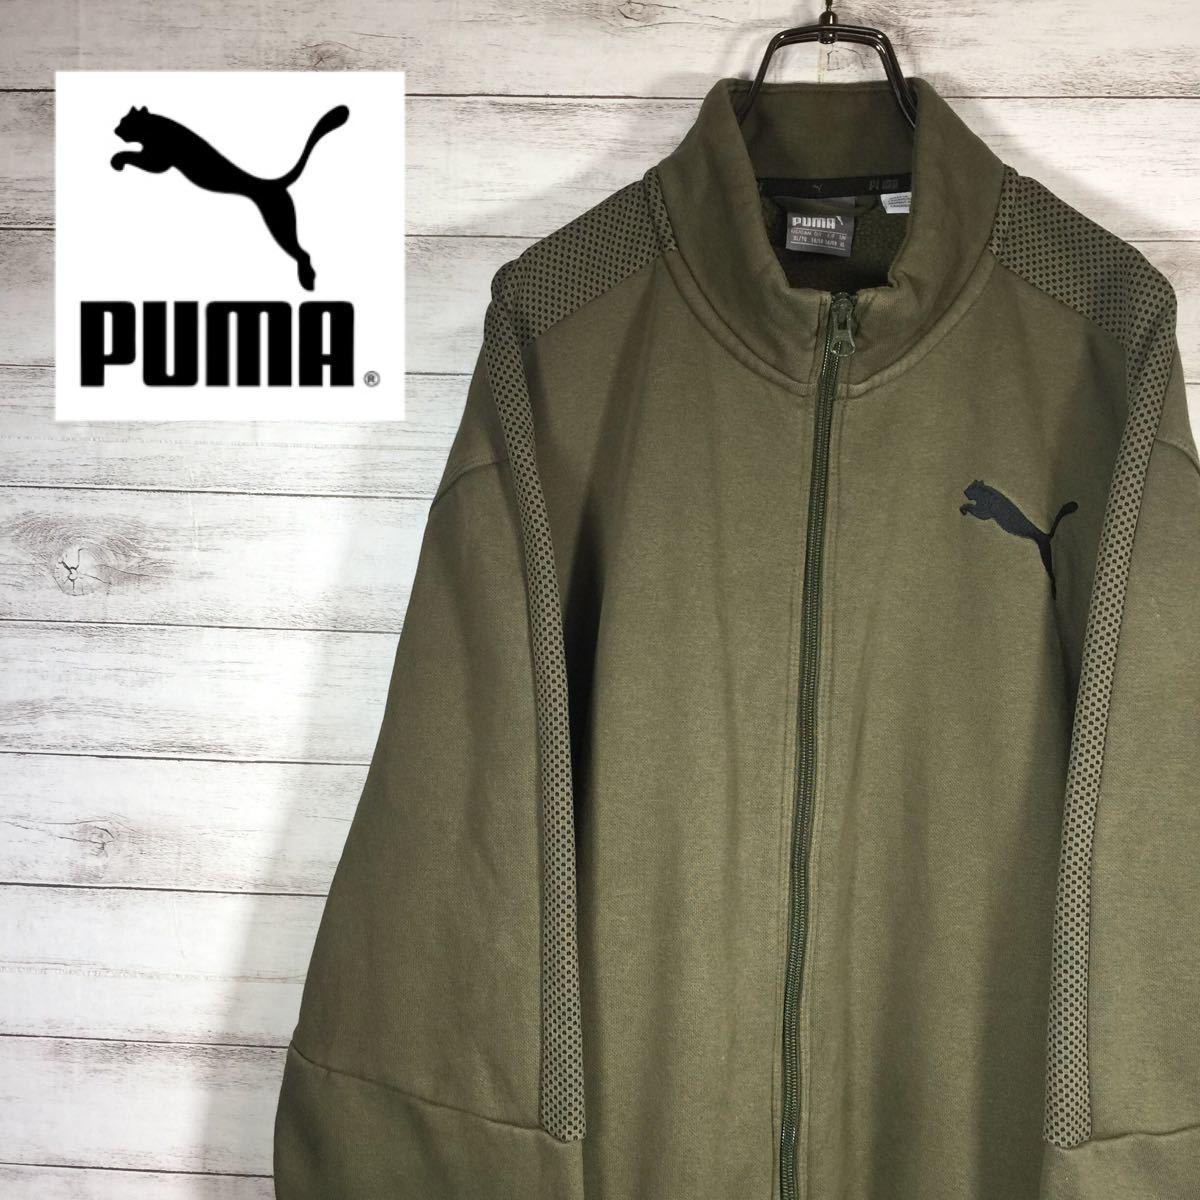 PUMA プーマ プルジップスウェット ジャージ カーキ XL